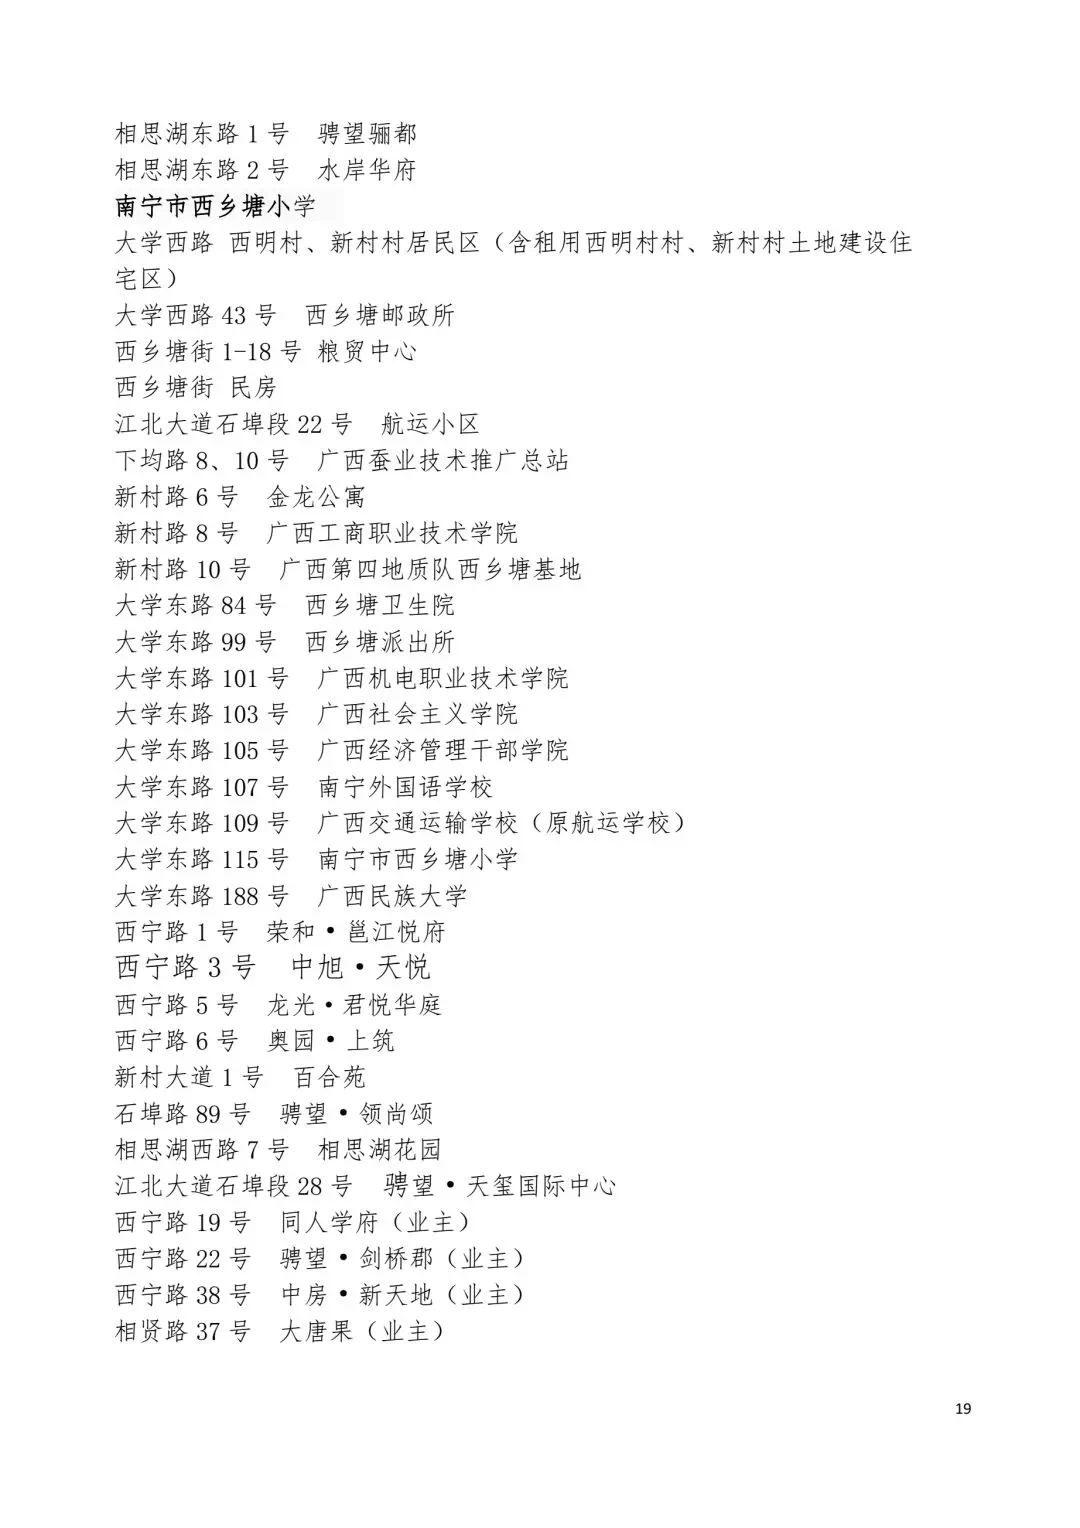 【2018年南宁小学招生地段公布】